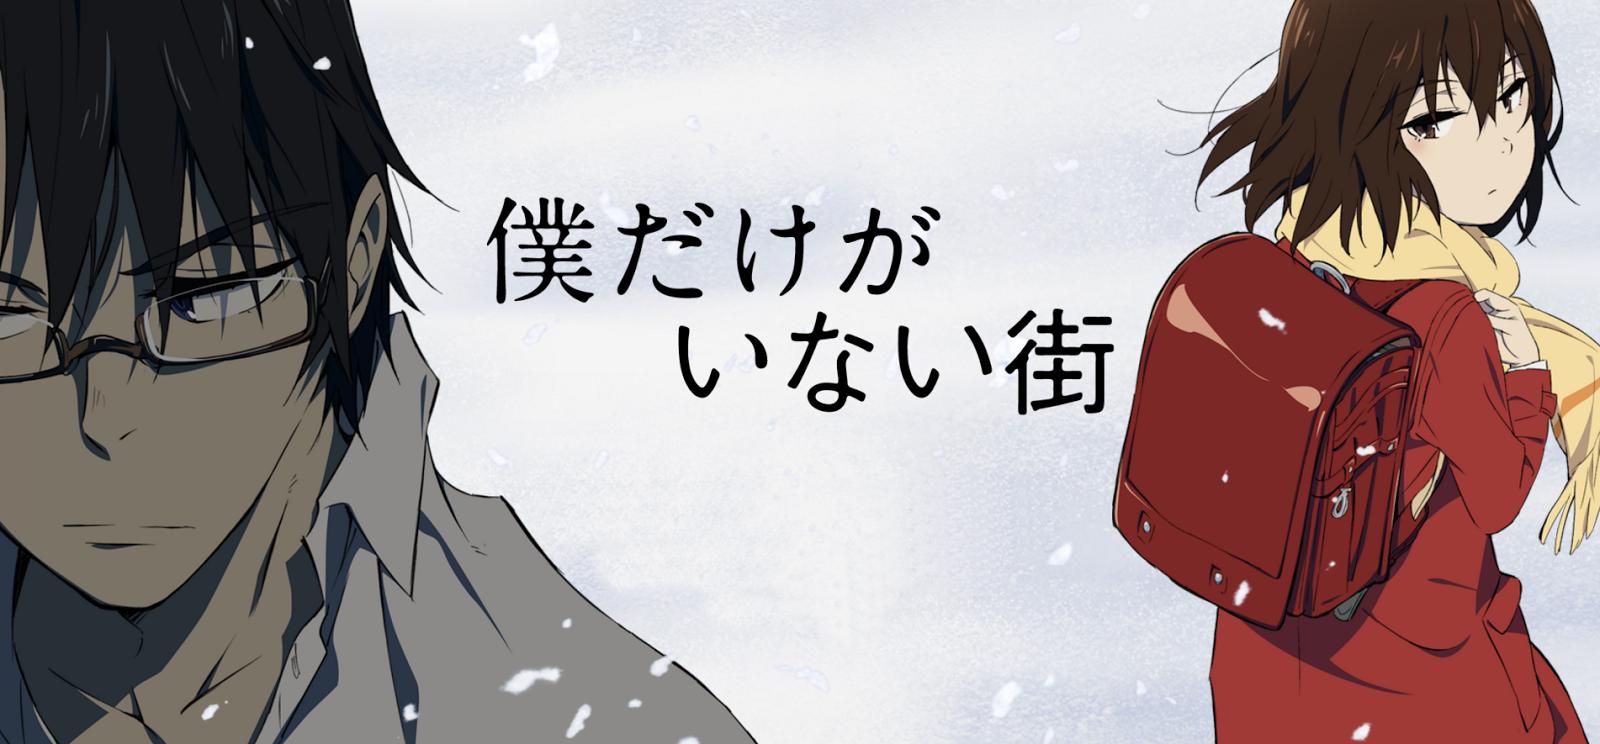 Boku Dake Ga Inai Machi ERASED Anime Senpai Manga